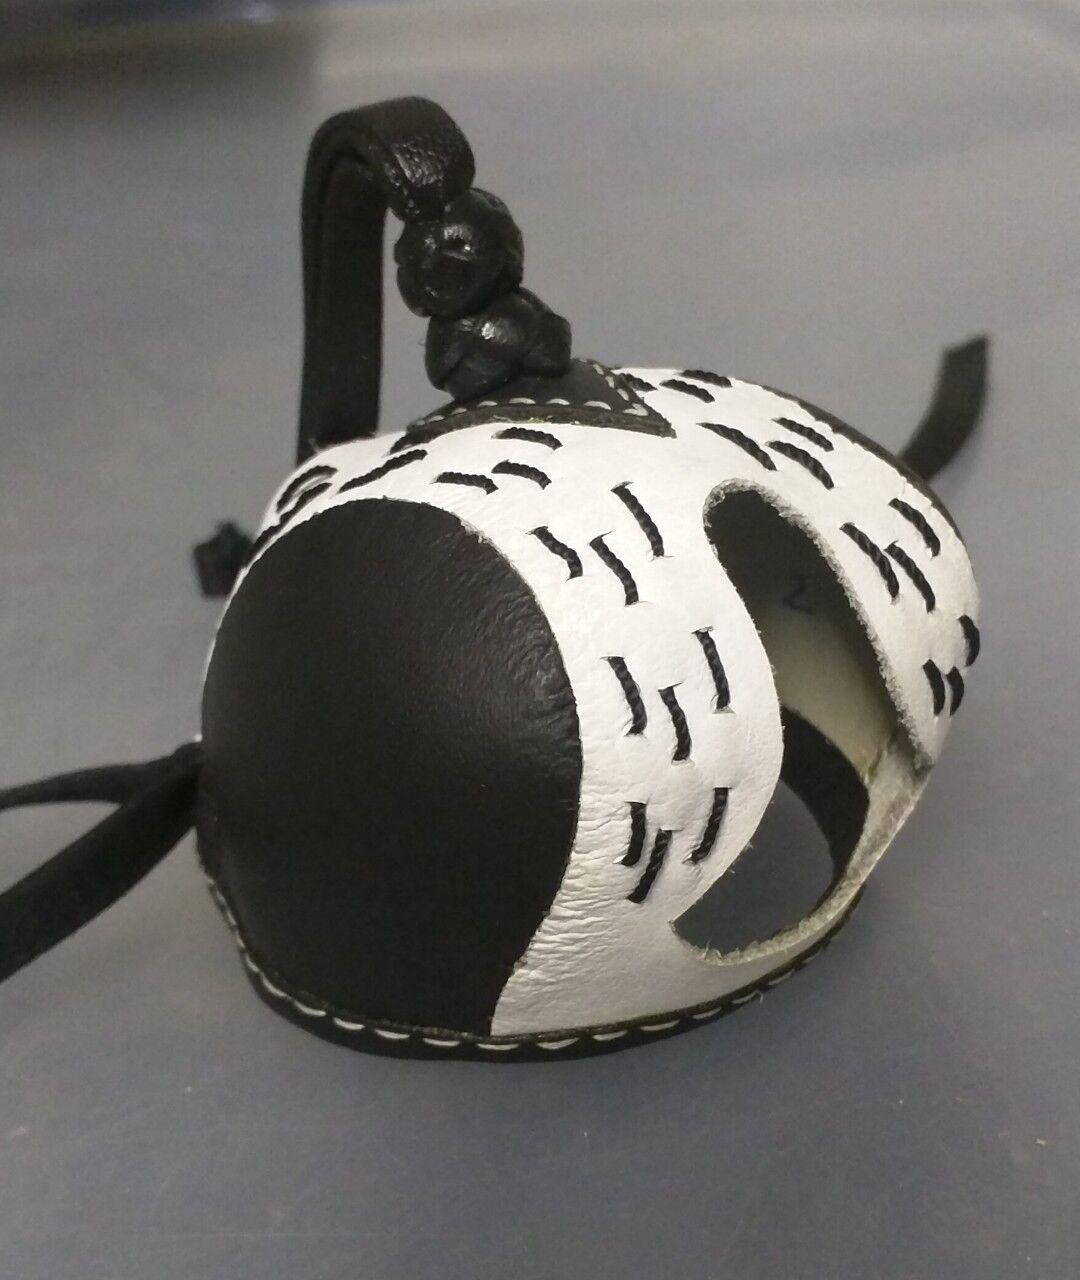 NUEVO halconería Sombrero Holandés Holandés Holandés bordado a mano (Negro blanco) (  Descuento del 70% barato